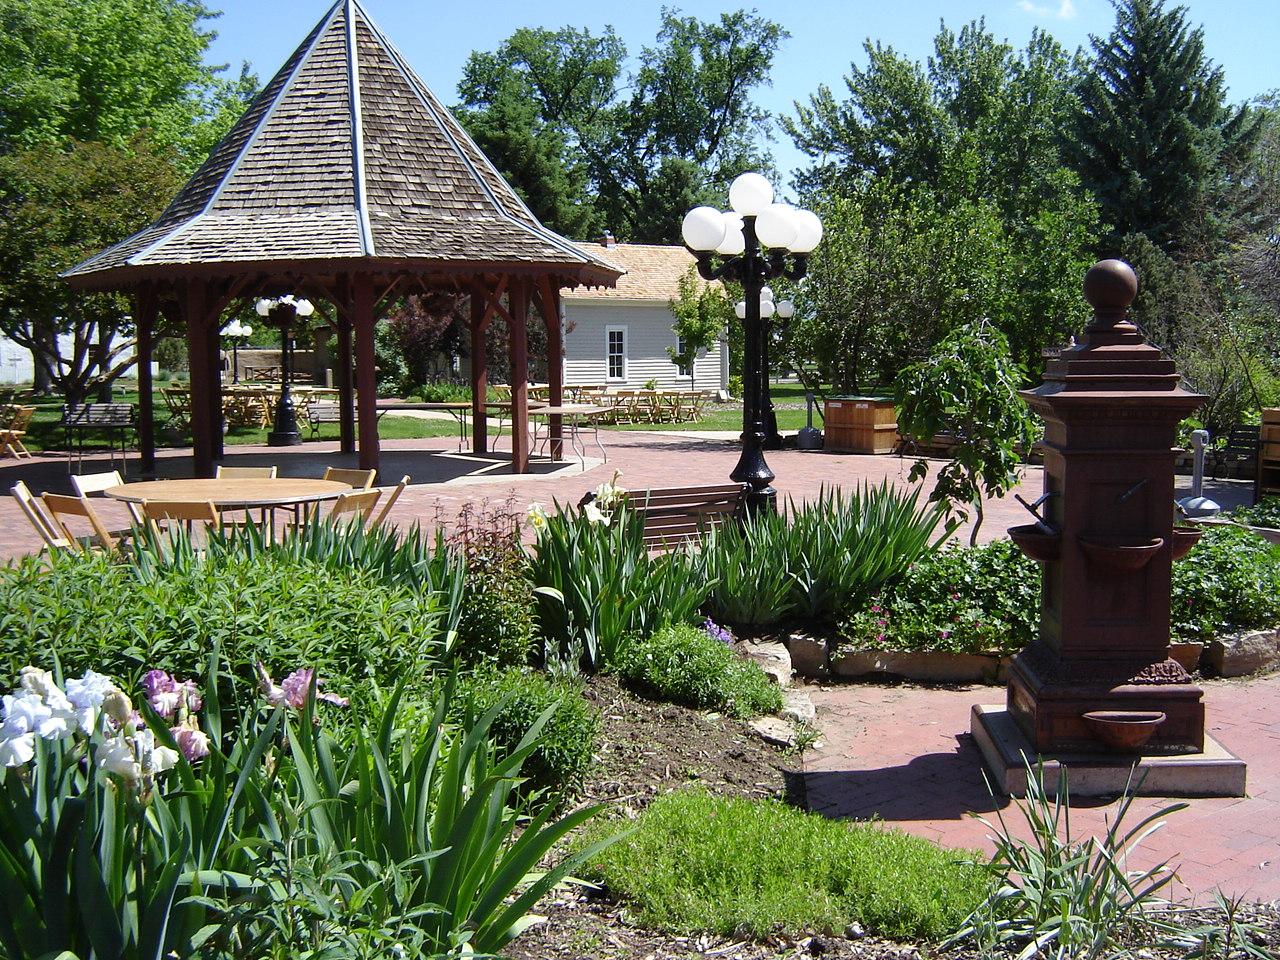 Centennial Village In Greeley Colorado